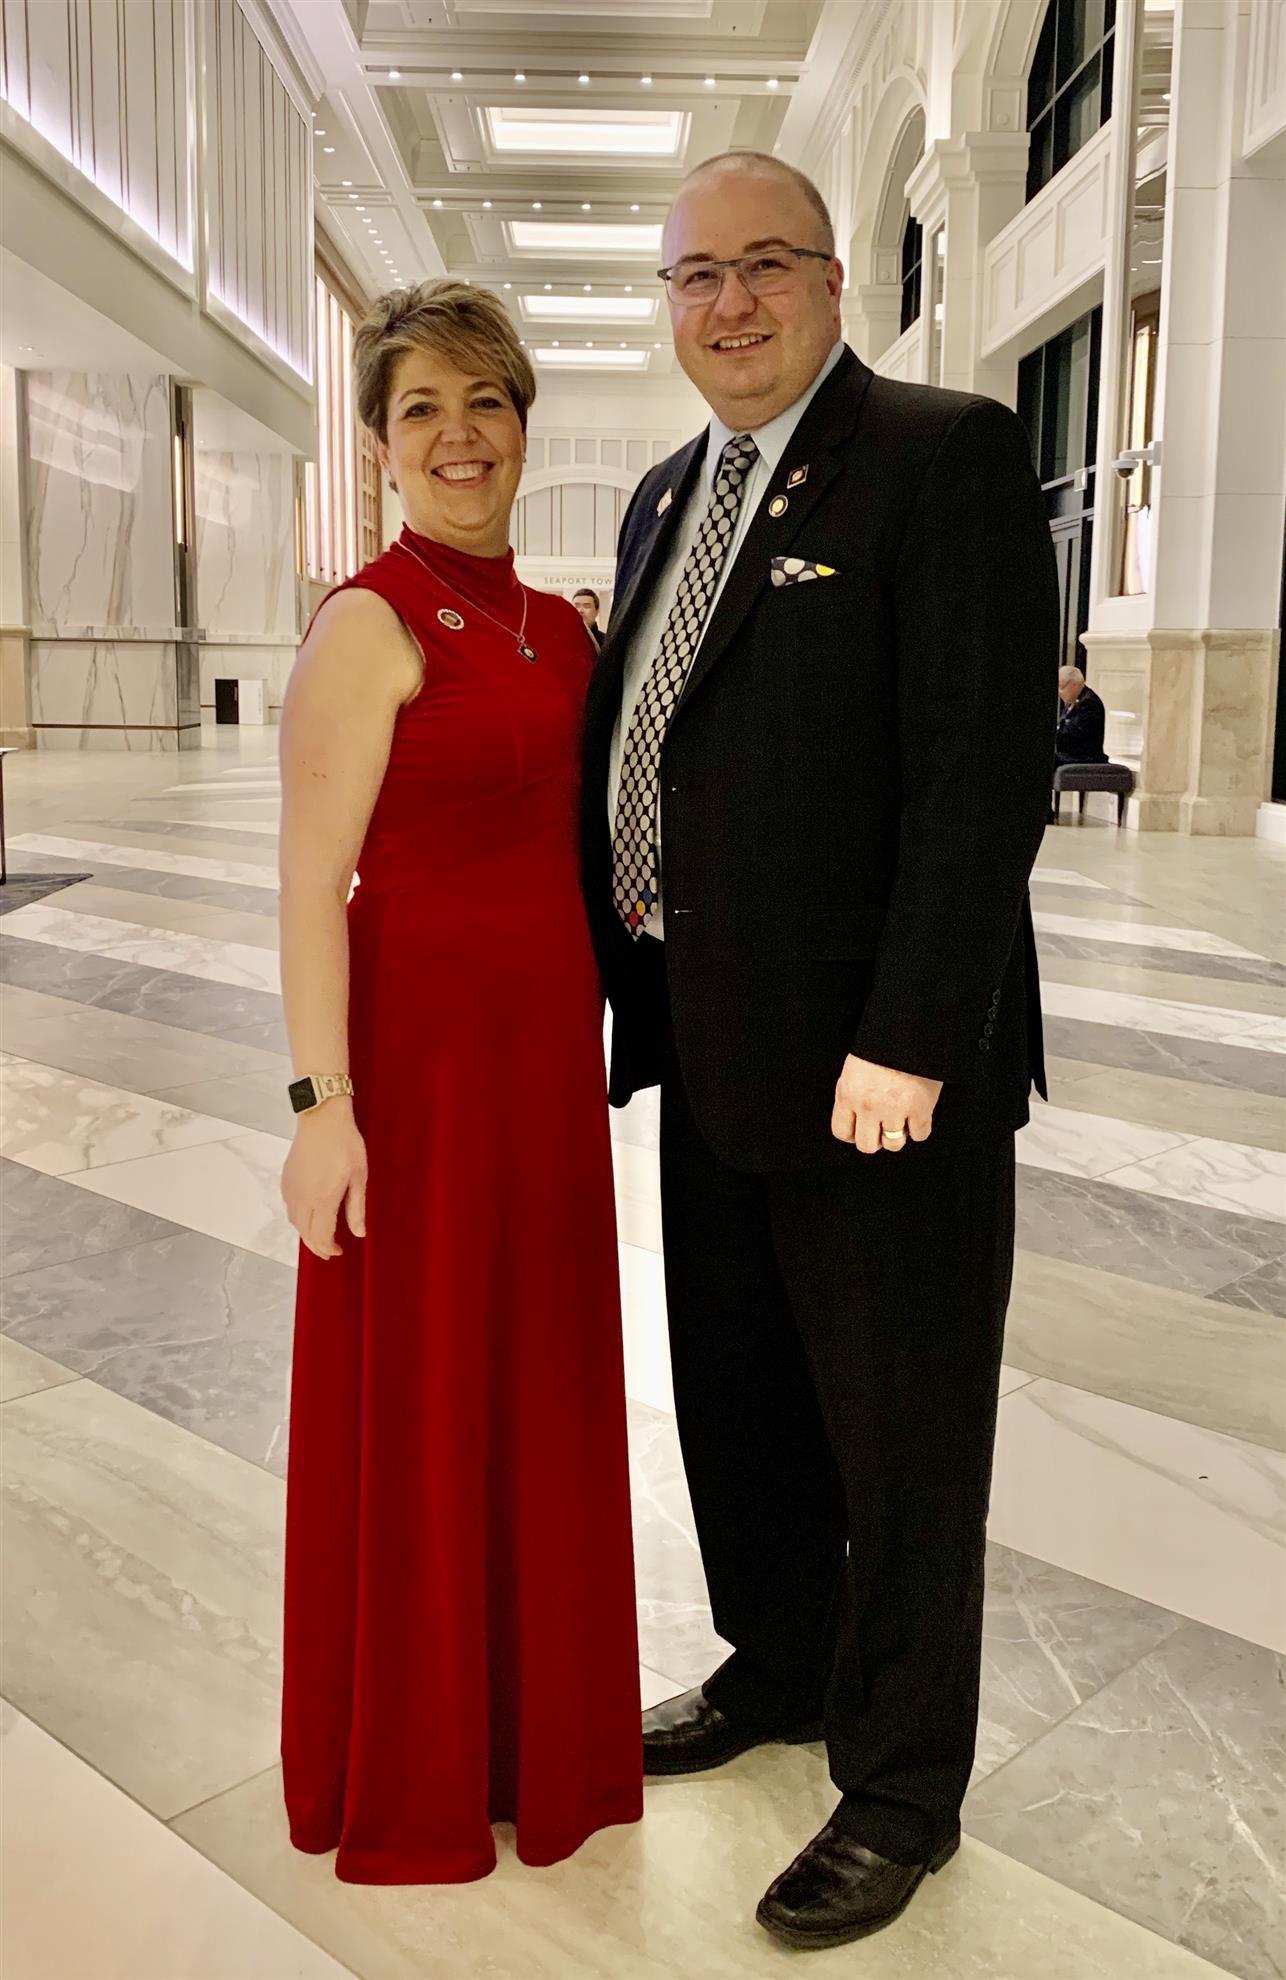 DG Joel Phillibert and his wife Valerie